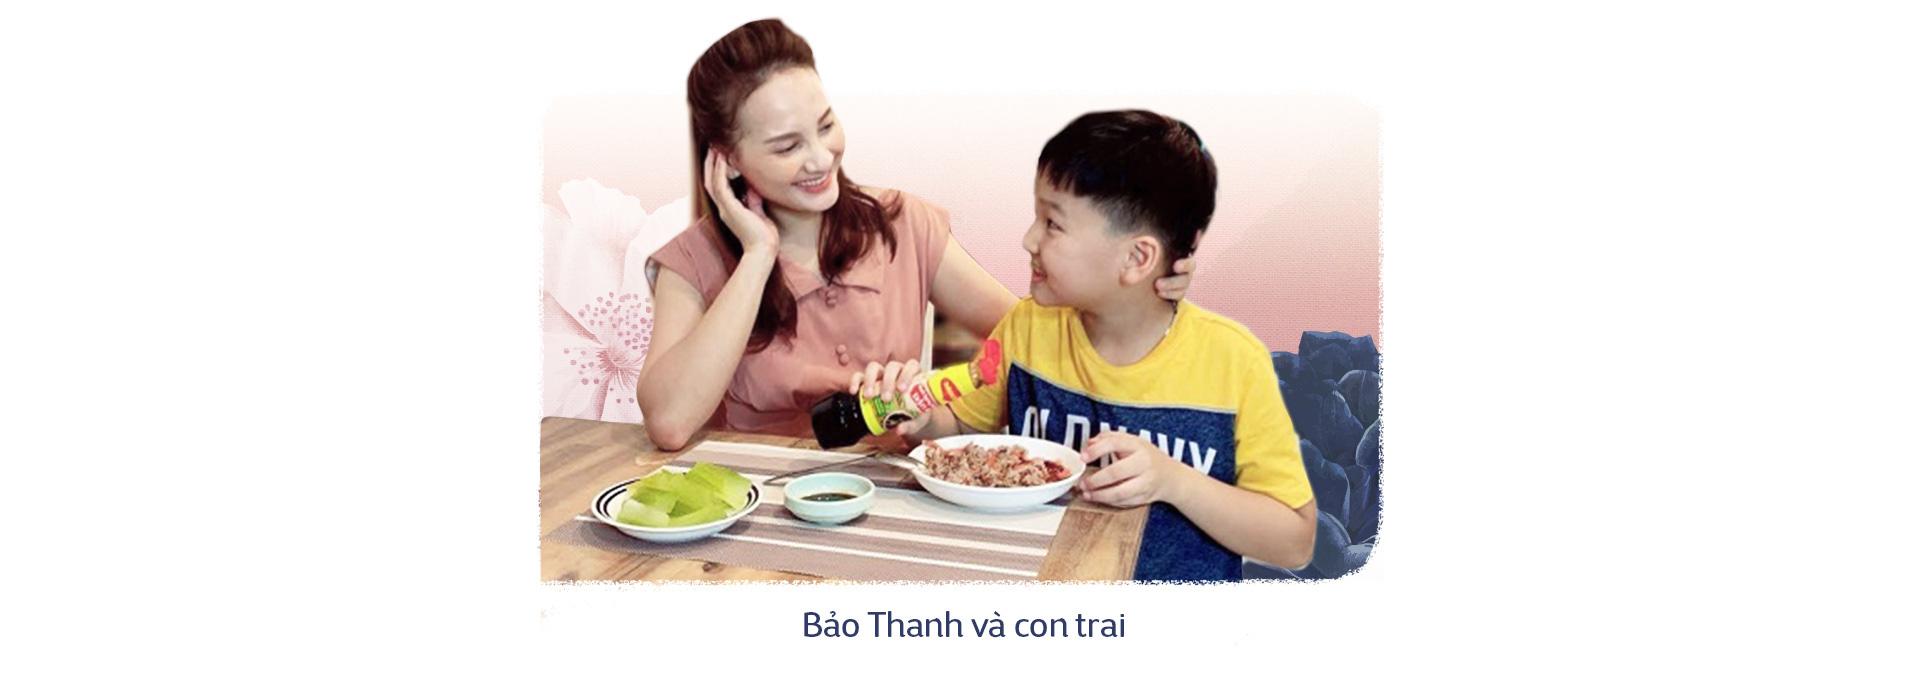 Diễn viên Bảo Thanh: Tôi rất ghét câu: Đàn bà thì biết cái gì - Ảnh 5.